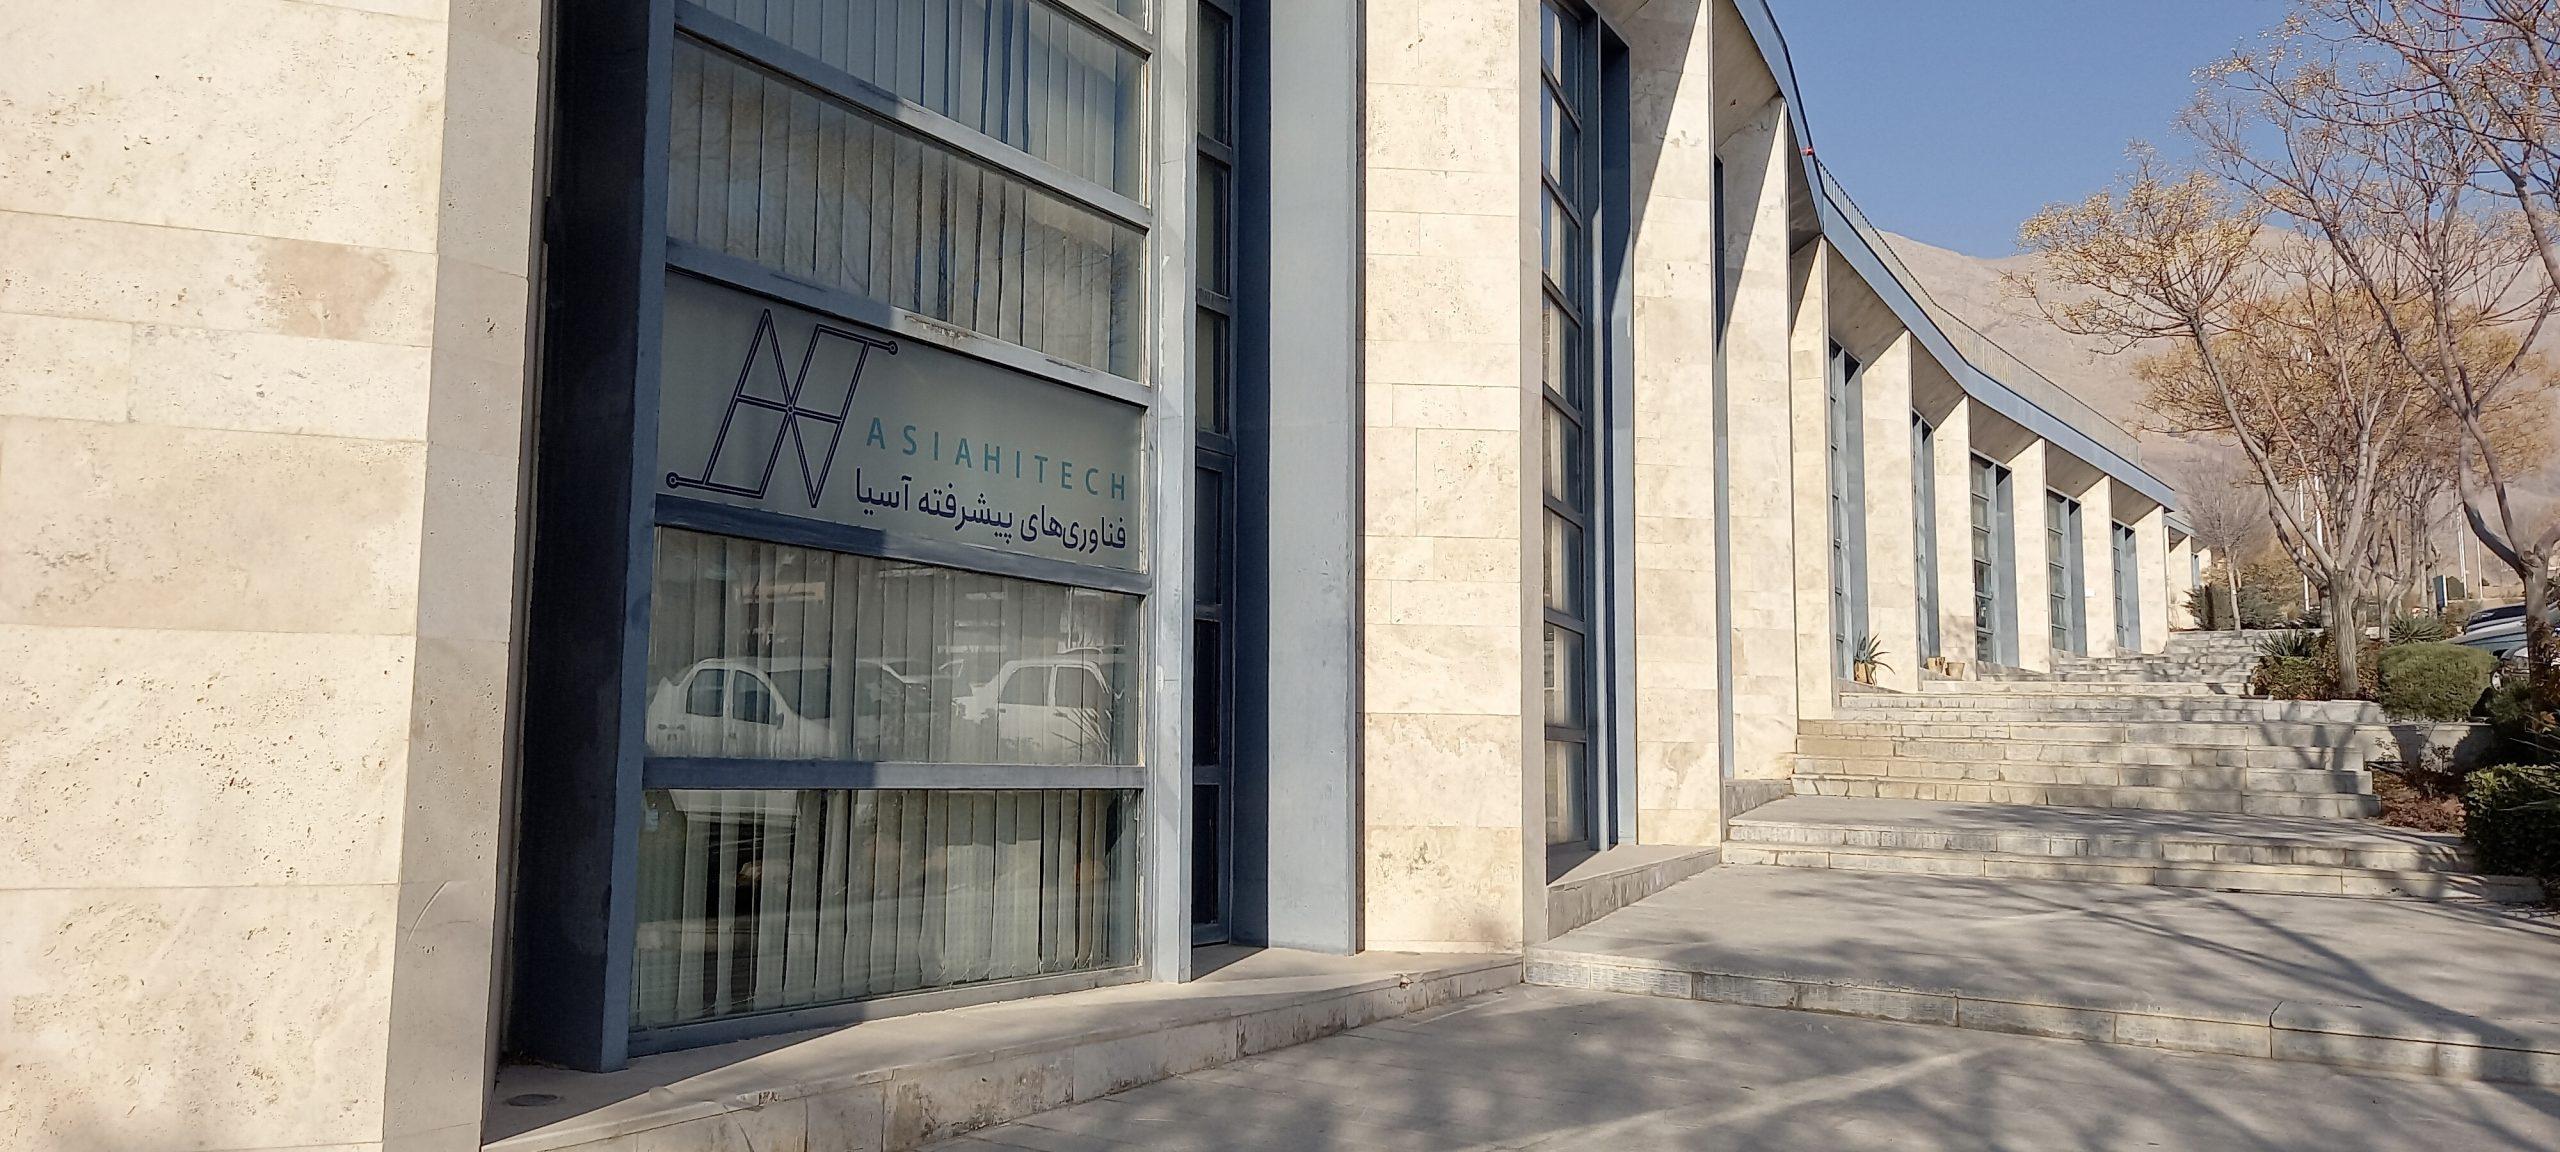 افتتاح محل جدید شرکت